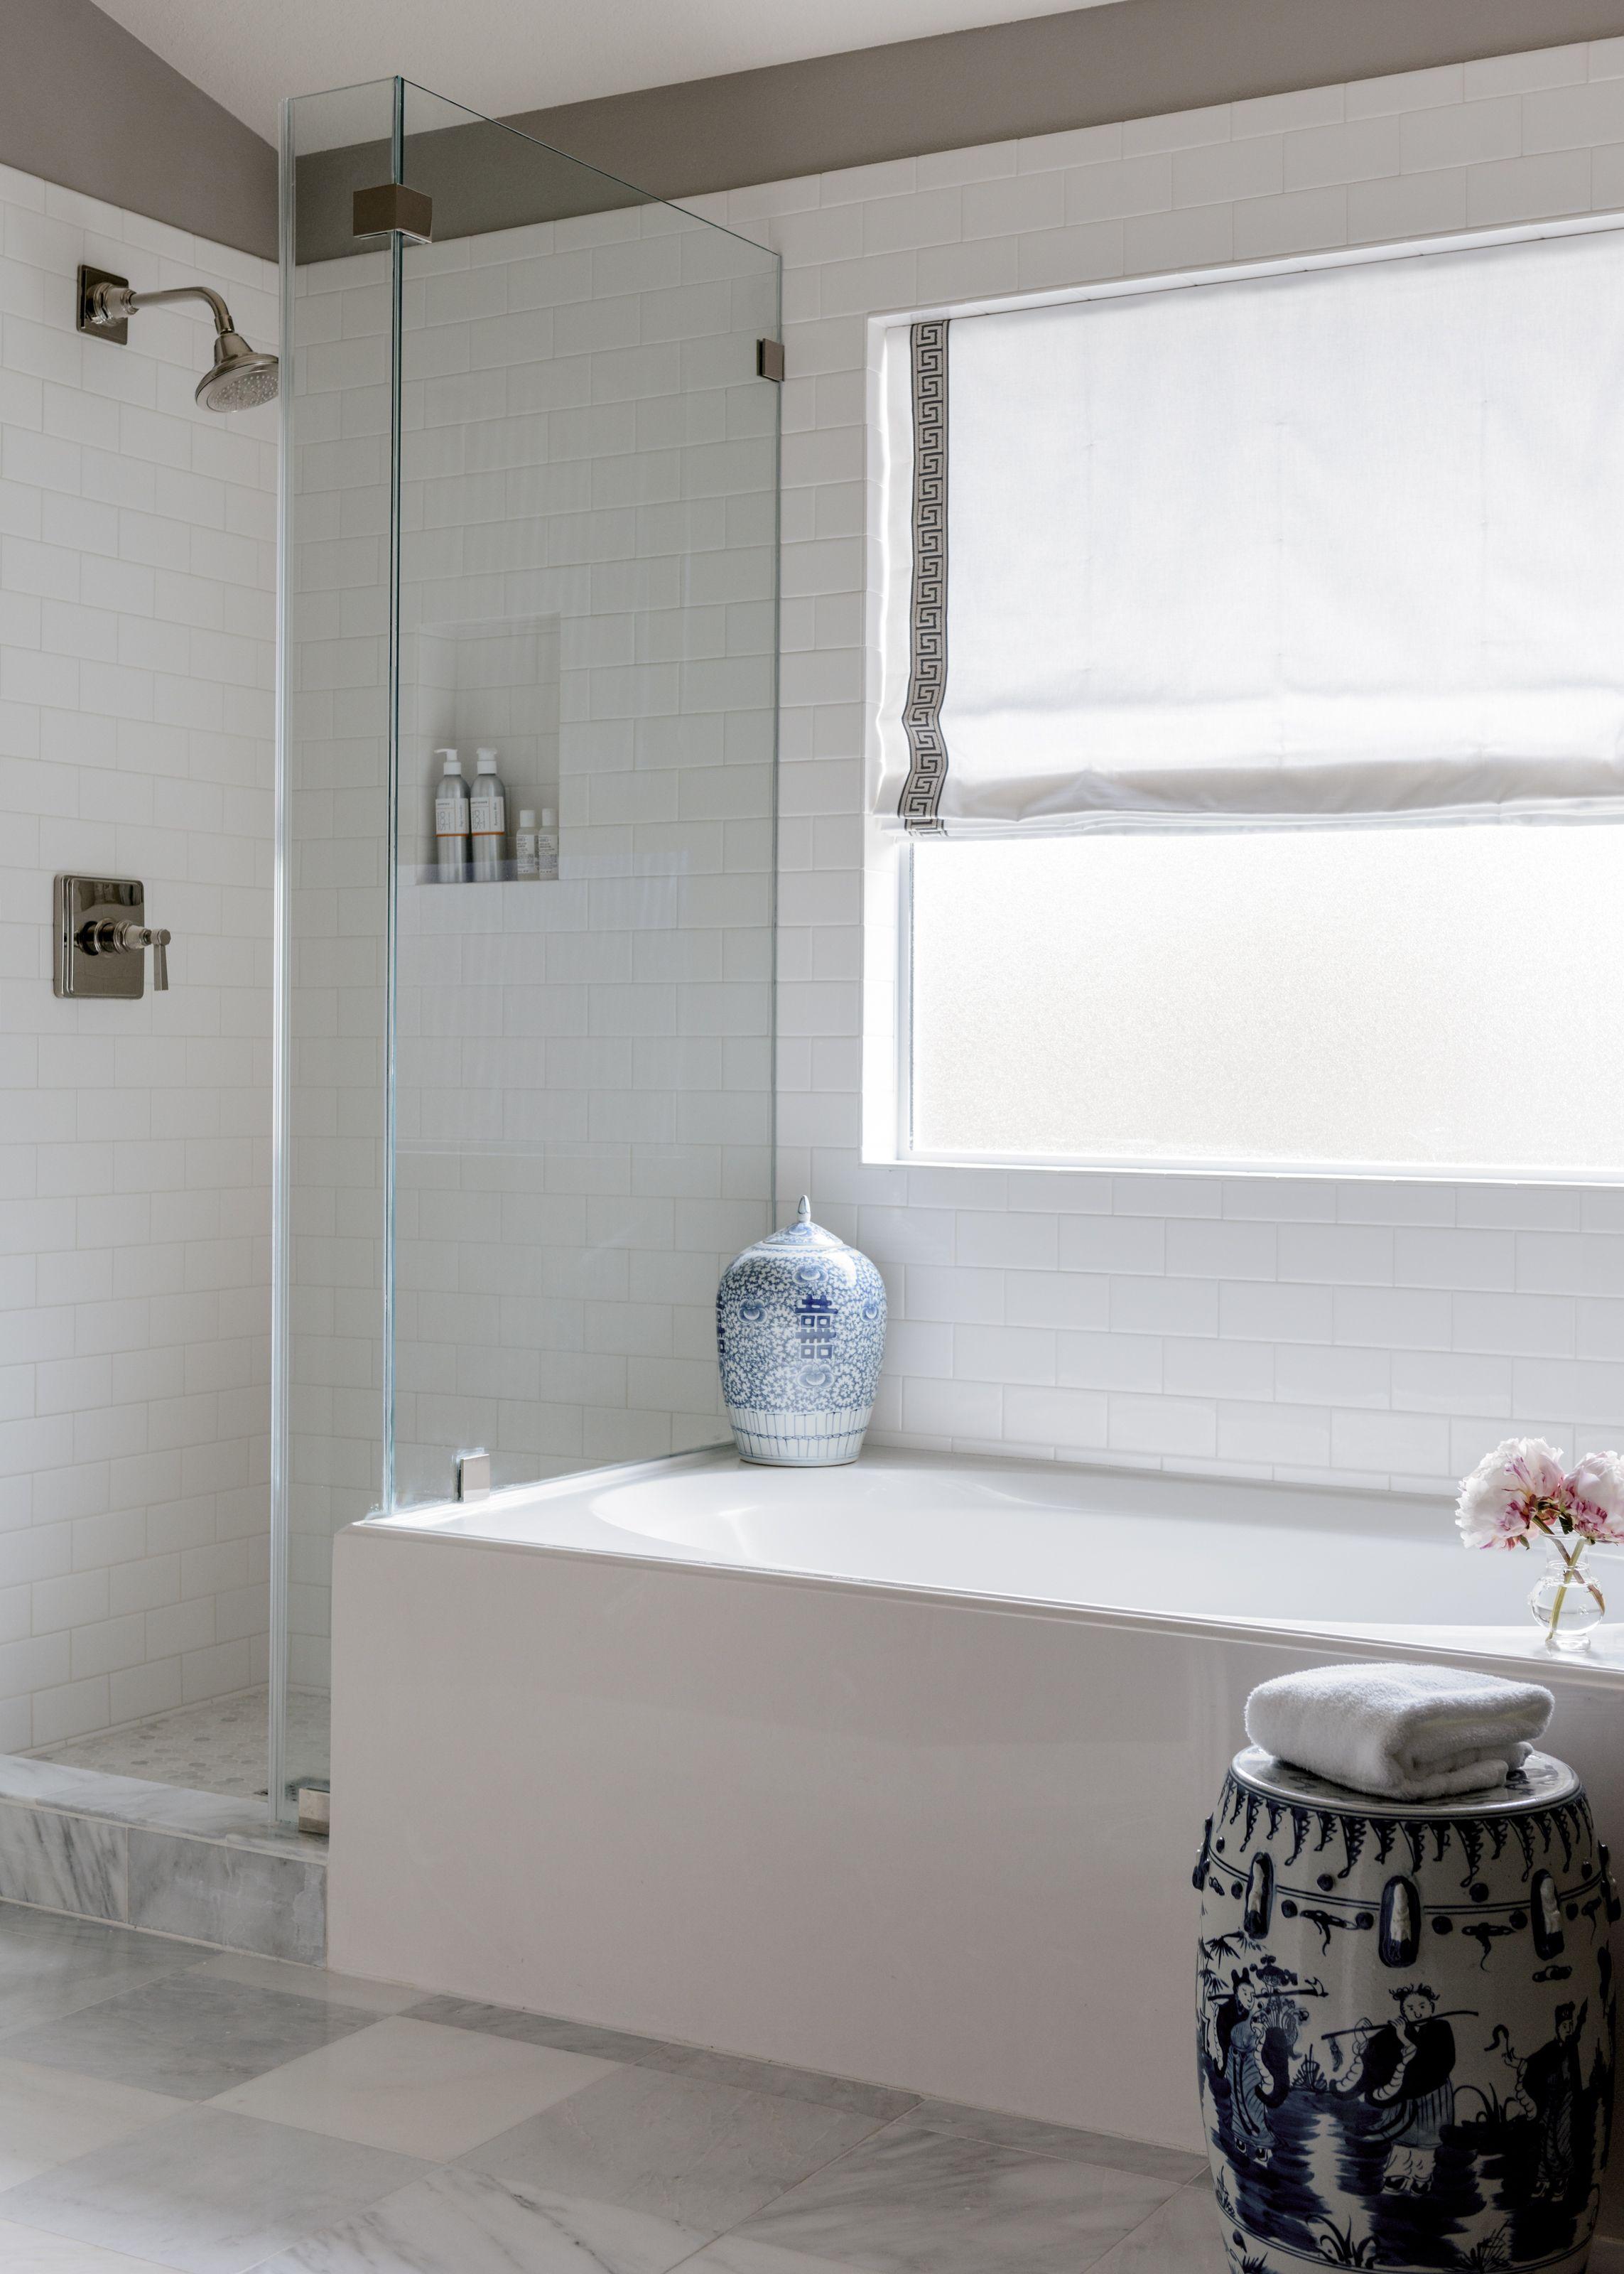 Attractive Paloma Contreras Design | Houston | Master Bathroom | La Dolce Vita Blog Nice Look